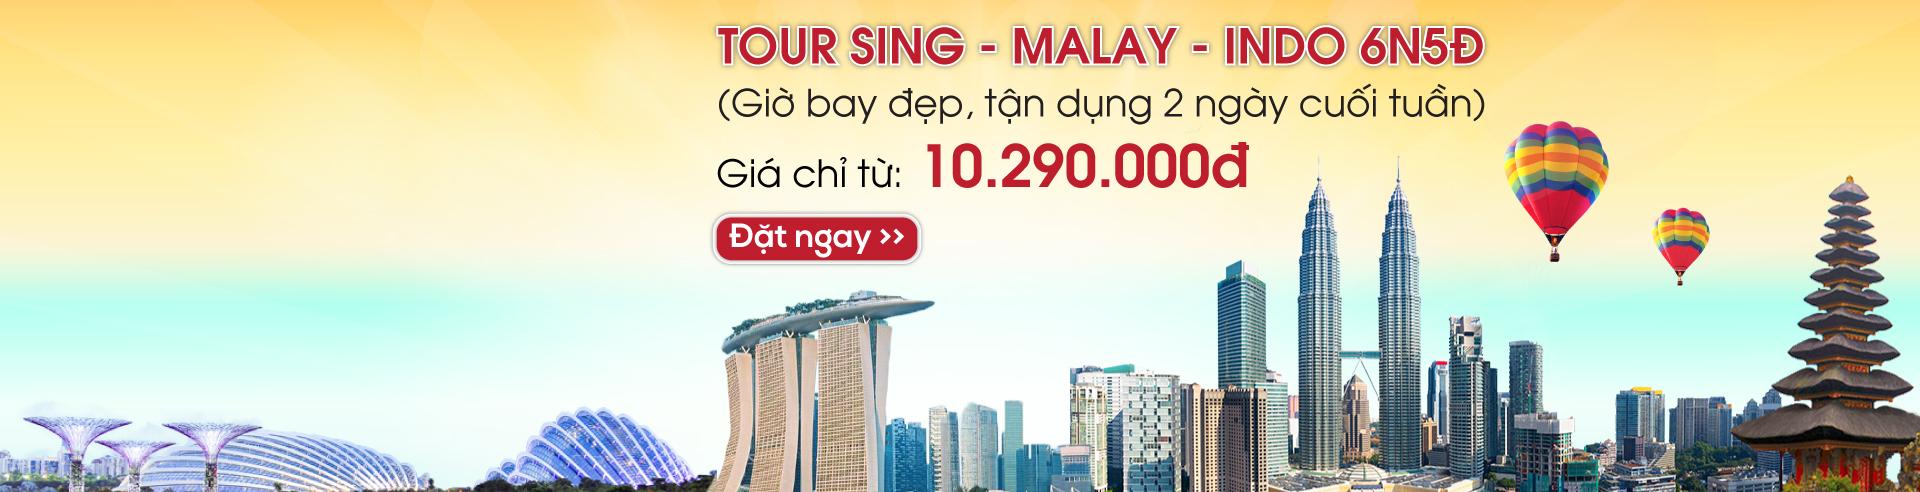 Singapore- Malaysia- Indonesia